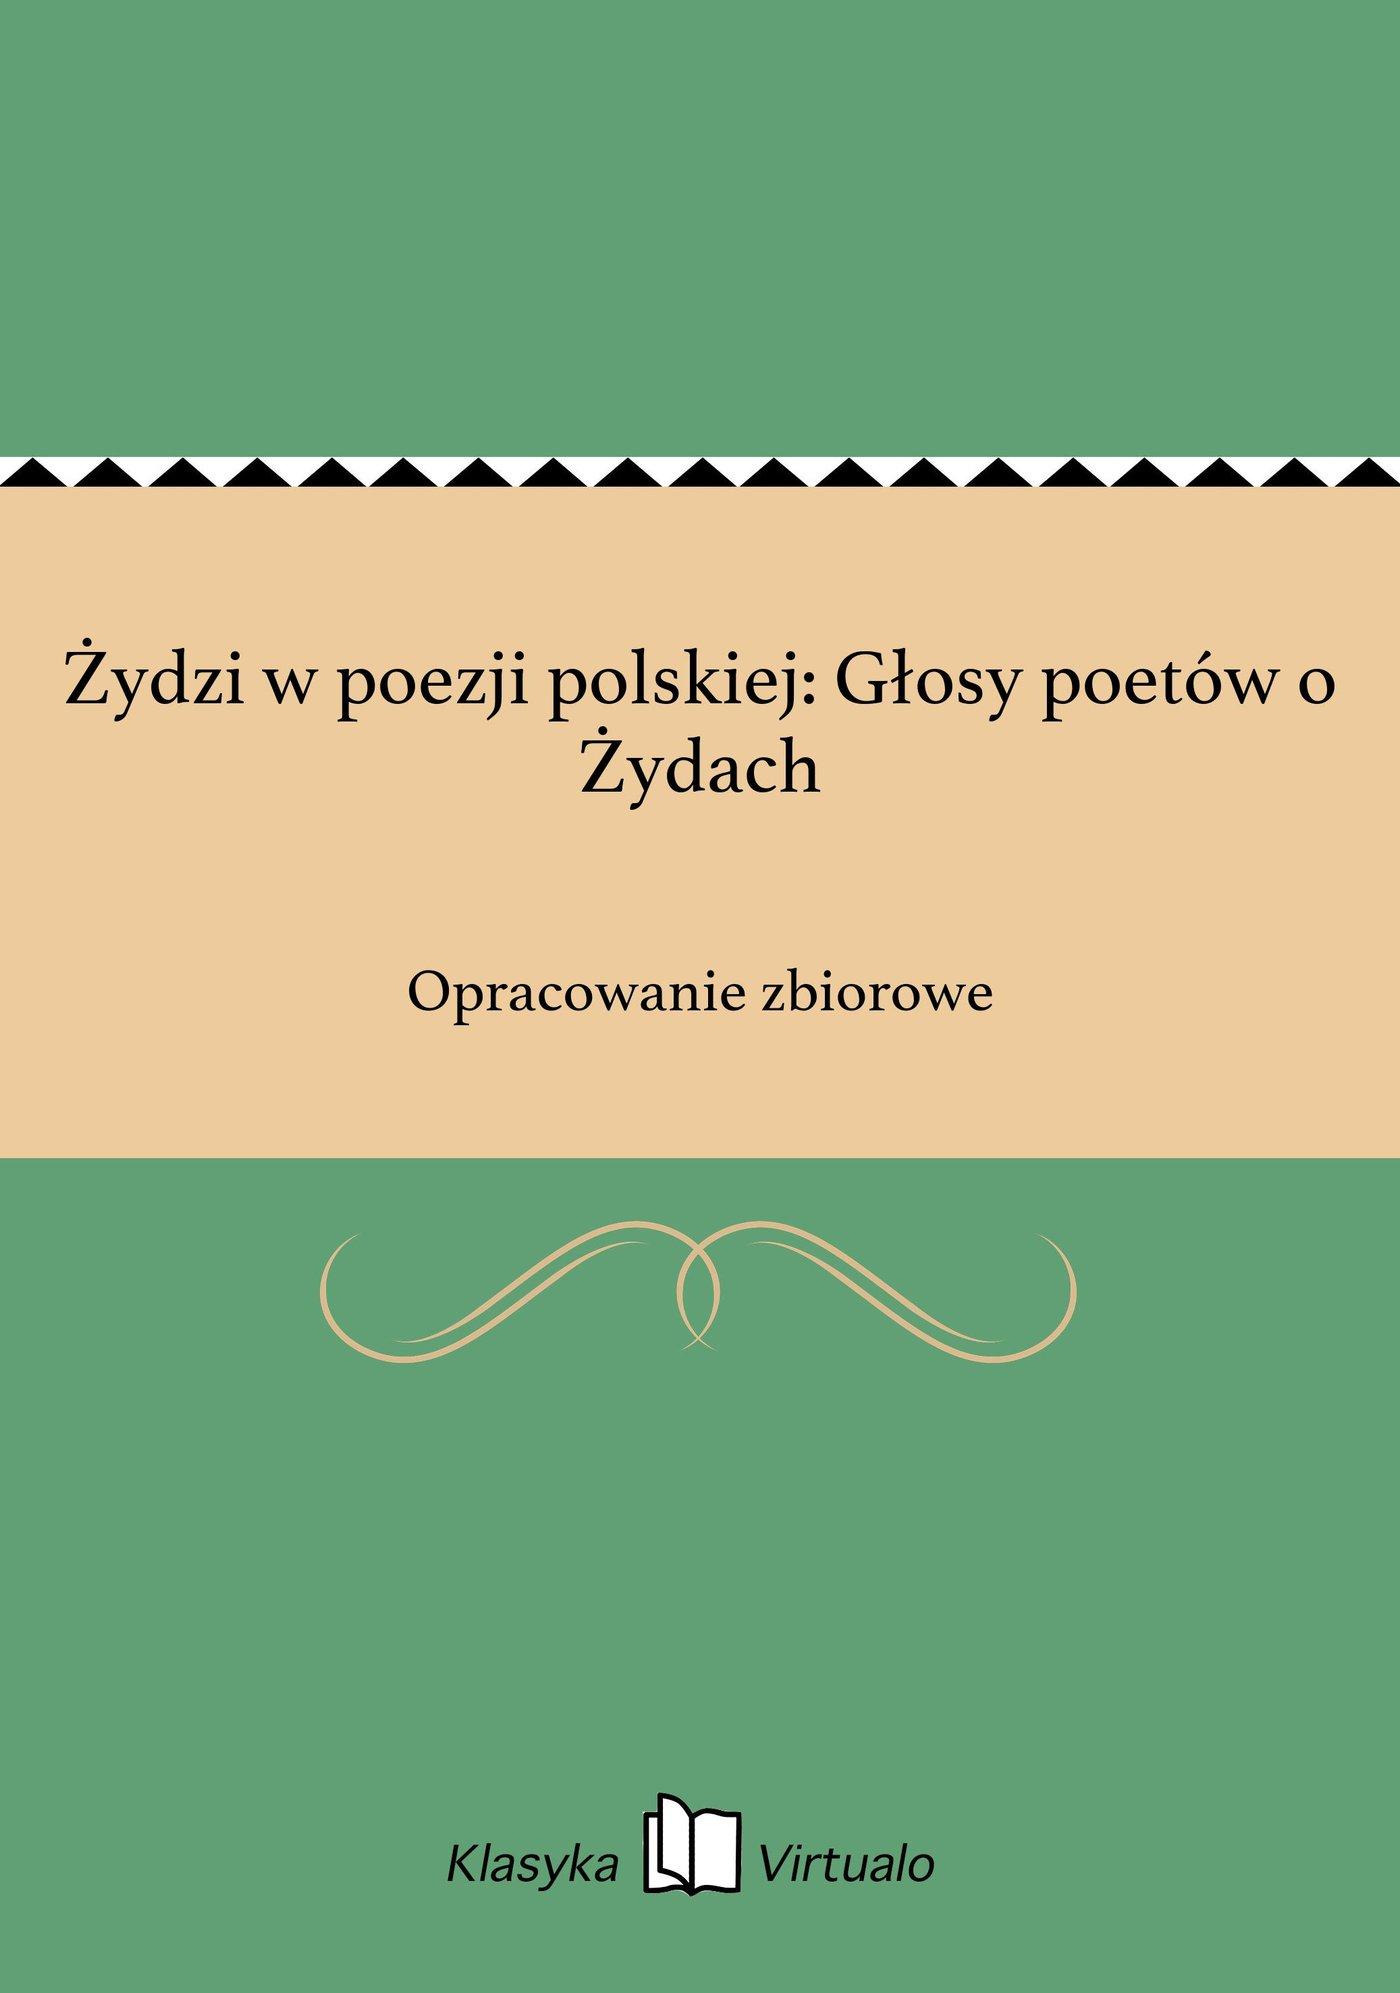 Żydzi w poezji polskiej: Głosy poetów o Żydach - Ebook (Książka na Kindle) do pobrania w formacie MOBI